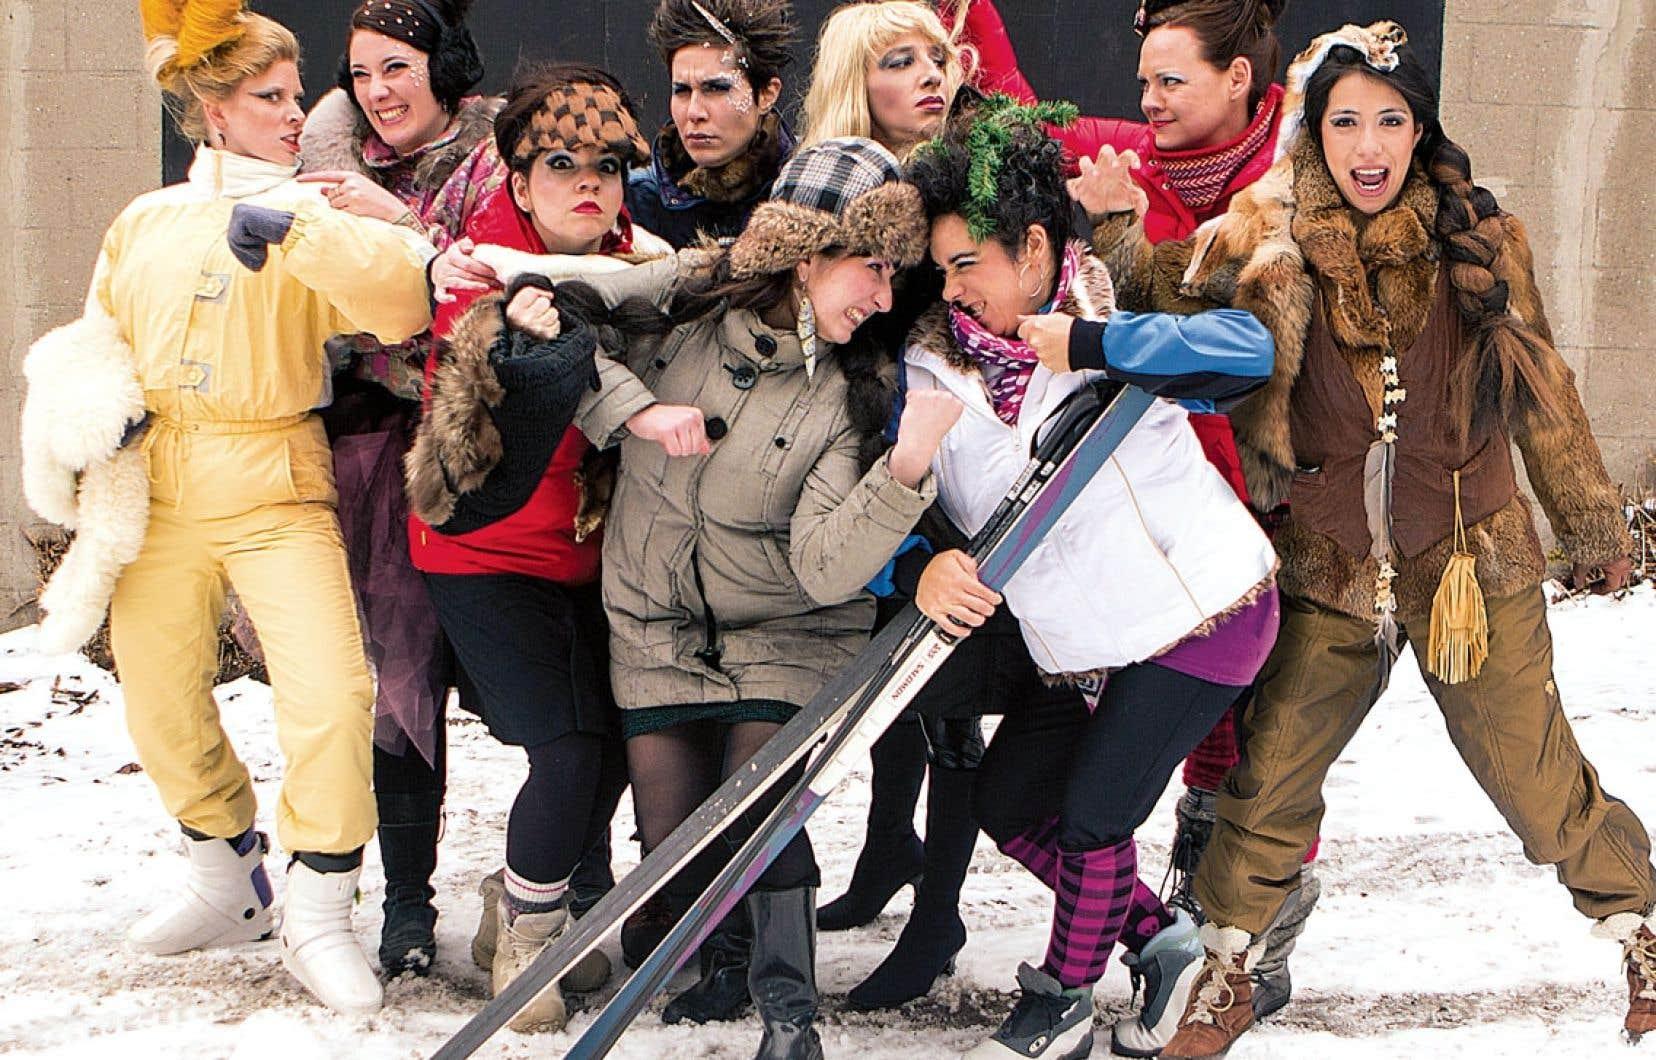 Les neuf concurrentes de la Revengeance des duchesses qui tenteront de se faire couronner reine du OFF Carnaval de Québec.